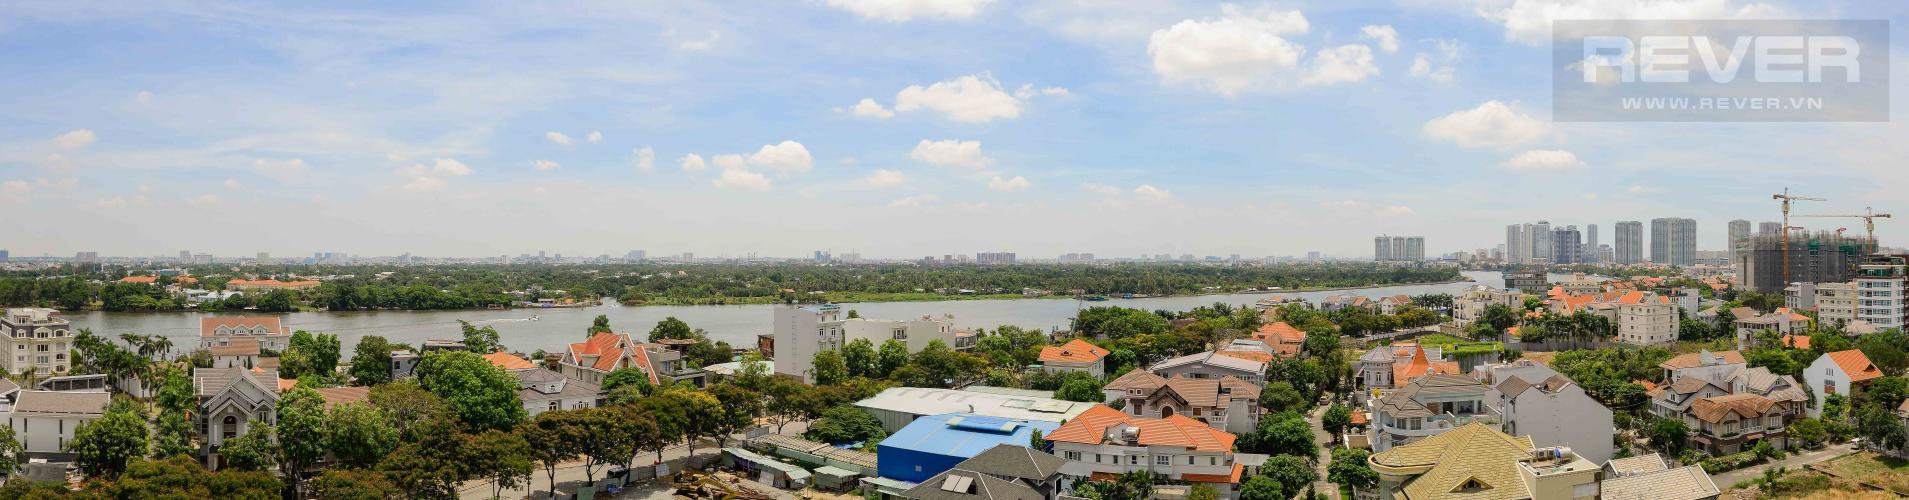 View Cho thuê căn hộ Xi Riverview Palace tầng trung 3 phòng ngủ, đầy đủ nội thất, view sông mát mẻ